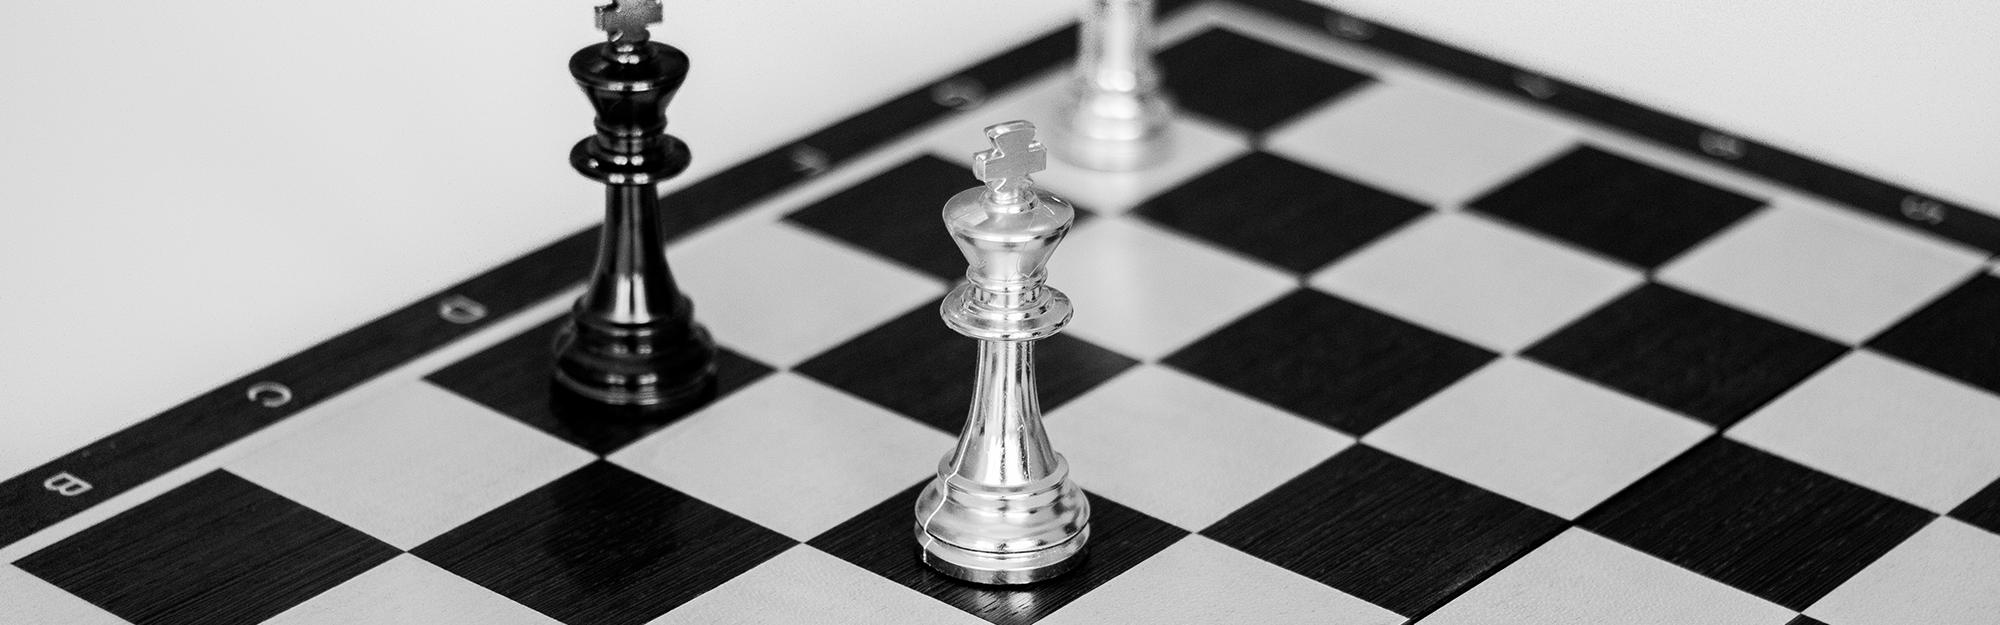 Spór wspólników – czyli jak przeciwdziałać konfliktowi w spółce i jak wyjść z niego zwycięsko?